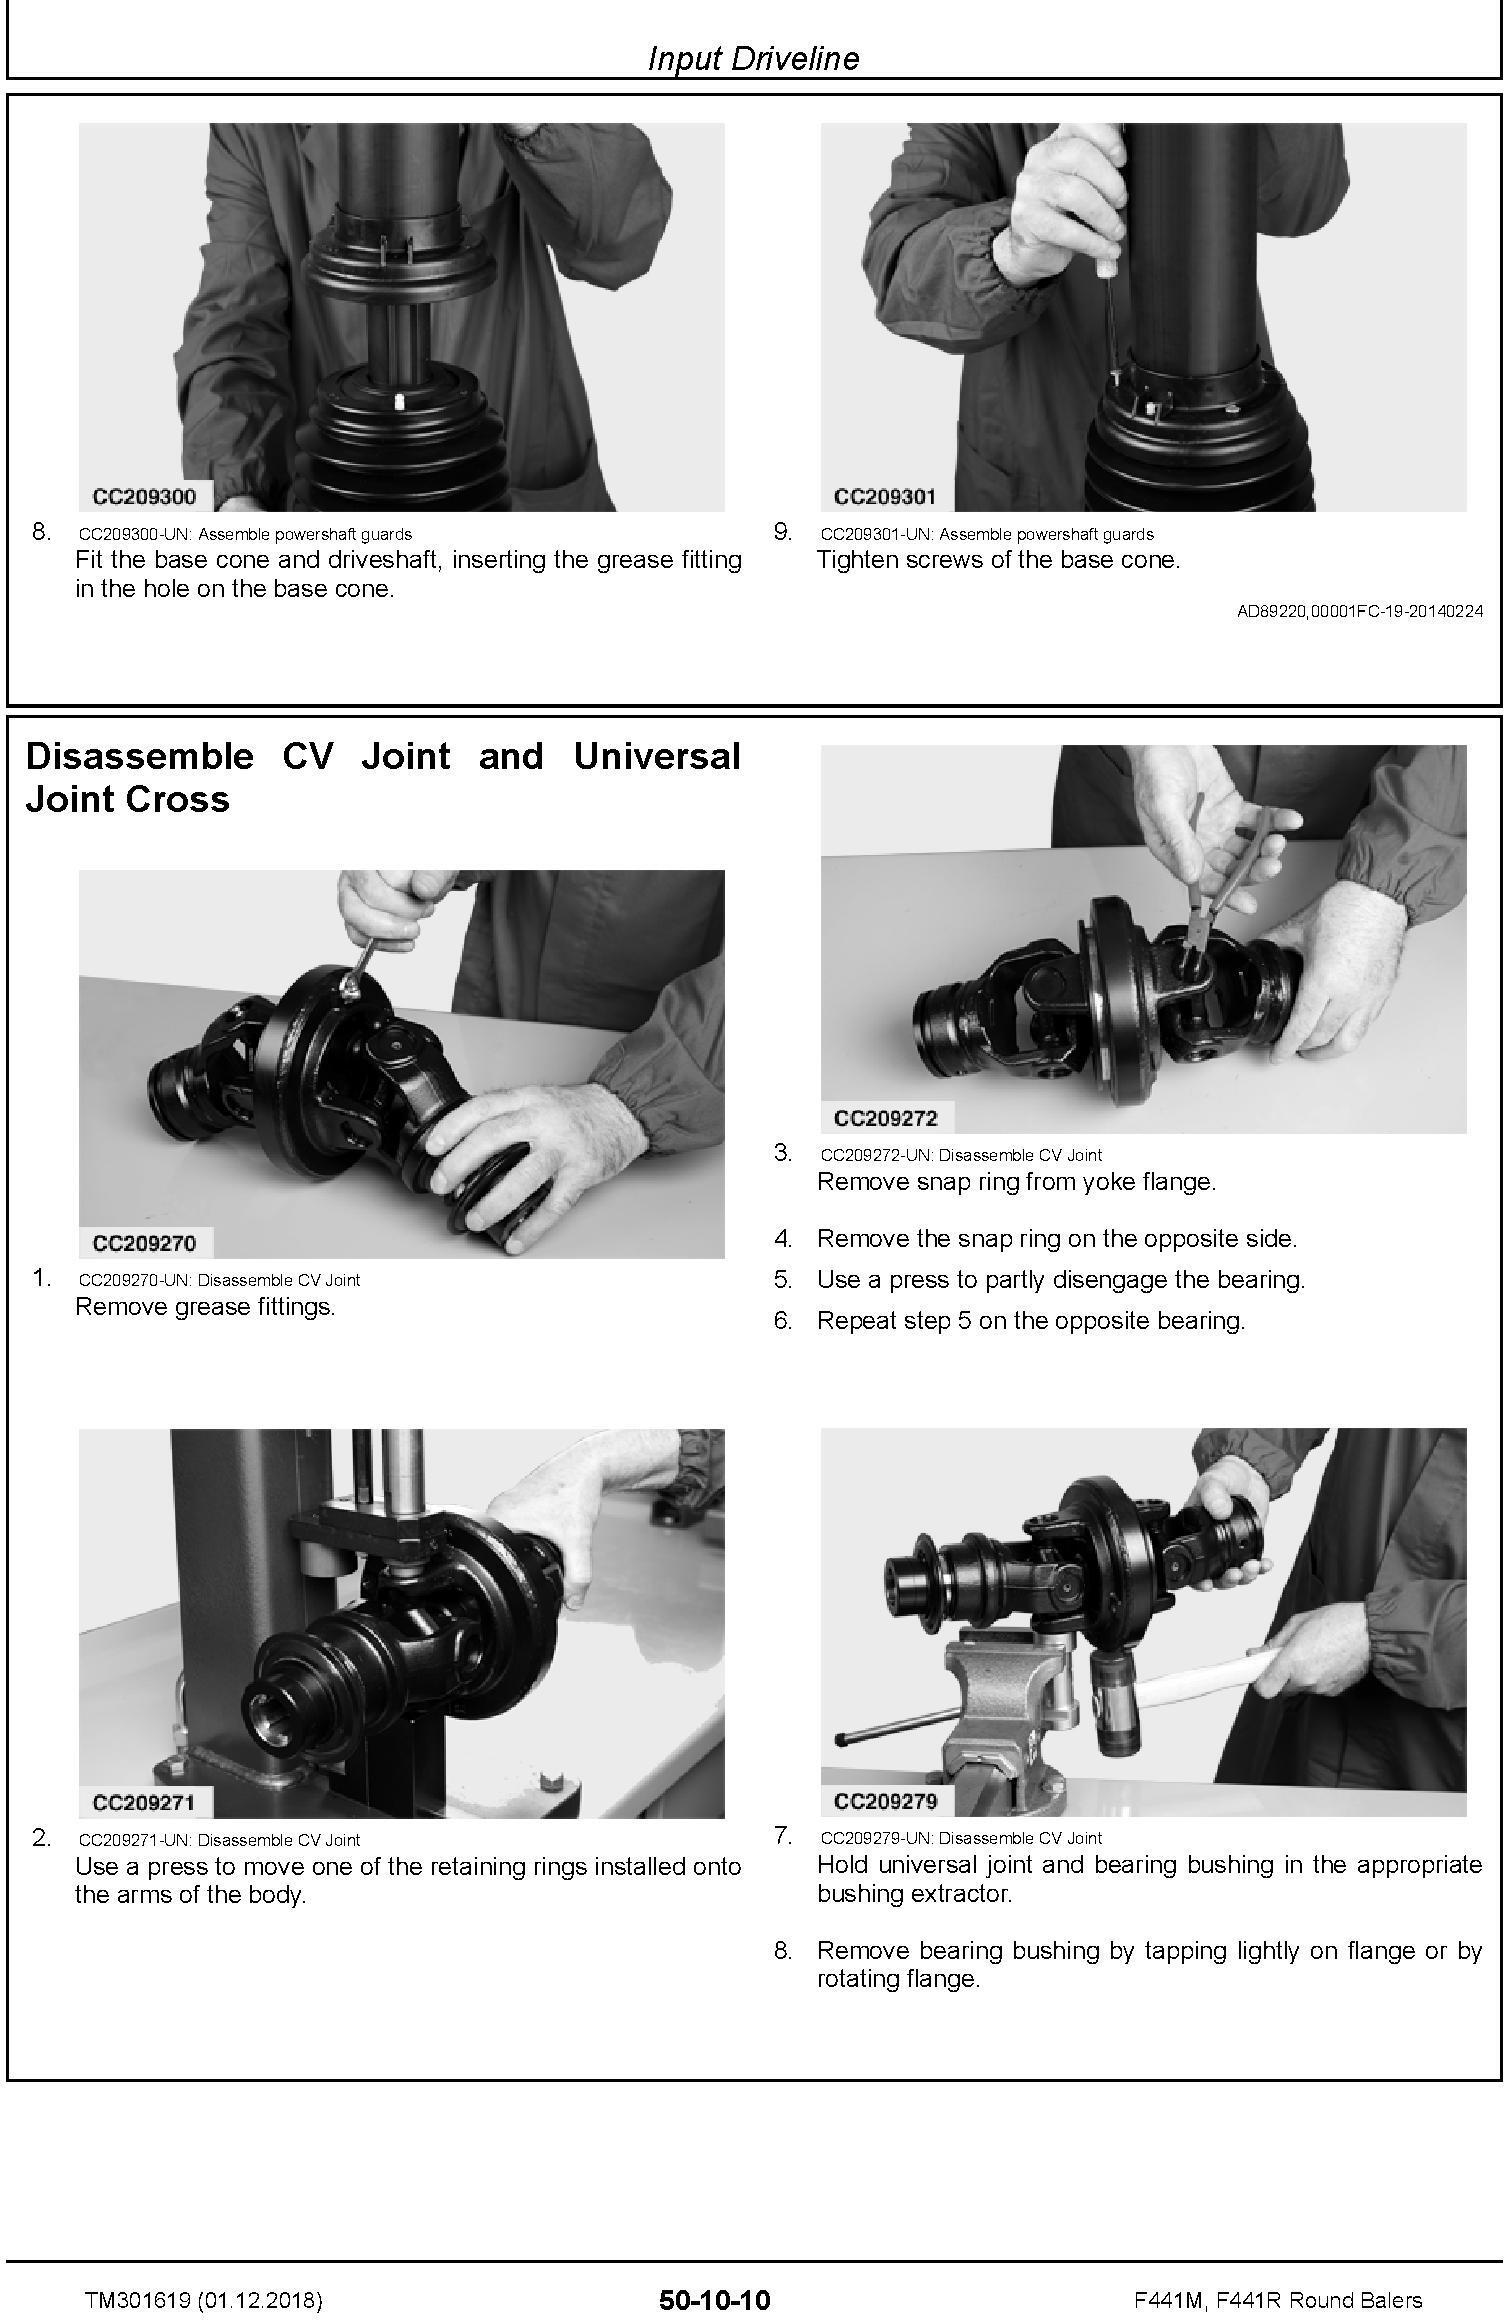 John Deere F441M, F441R Round Balers Service Repair Technical Manual (TM301619) - 2